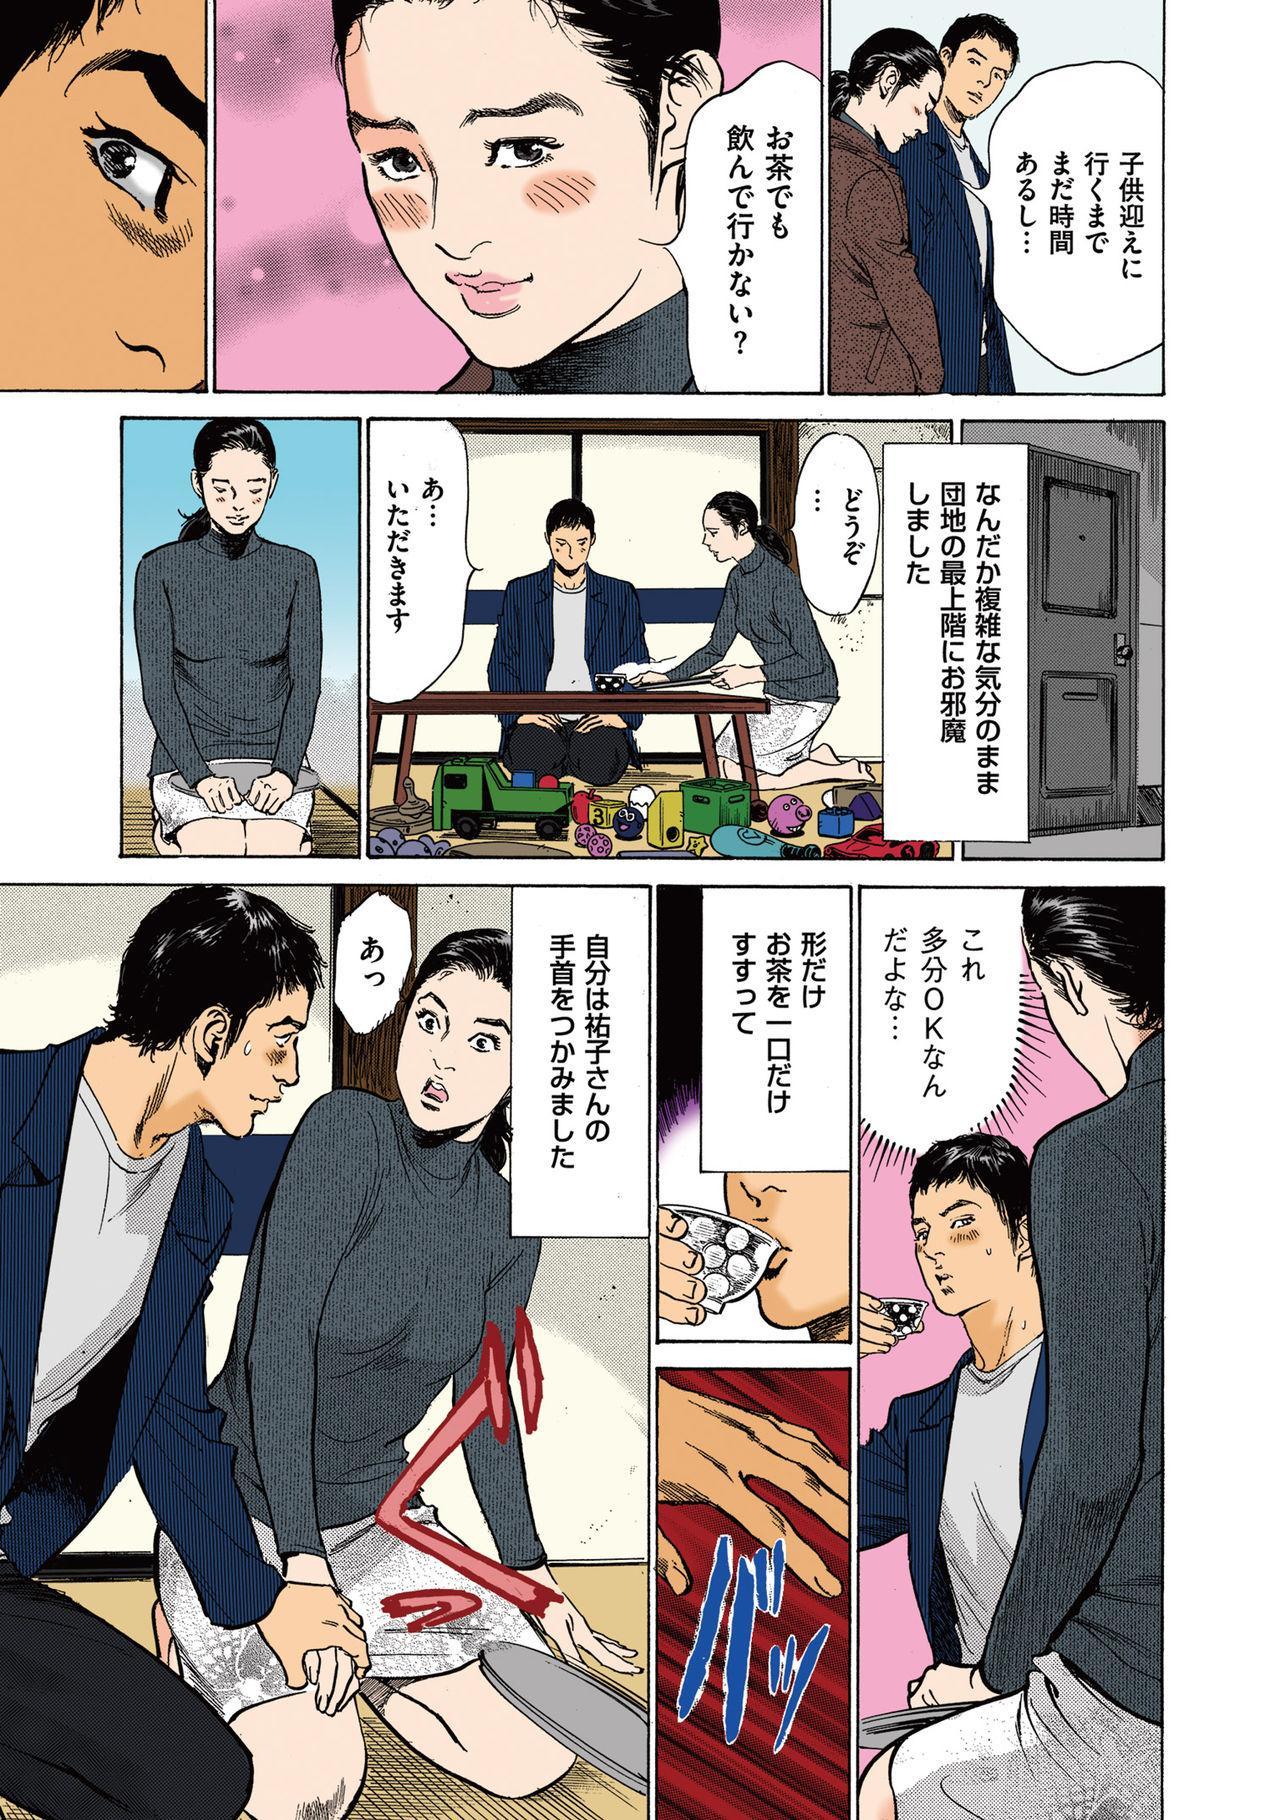 [Hazuki Kaoru] Hazuki Kaoru no Tamaranai Hanashi (Full Color Version) 2-1 10